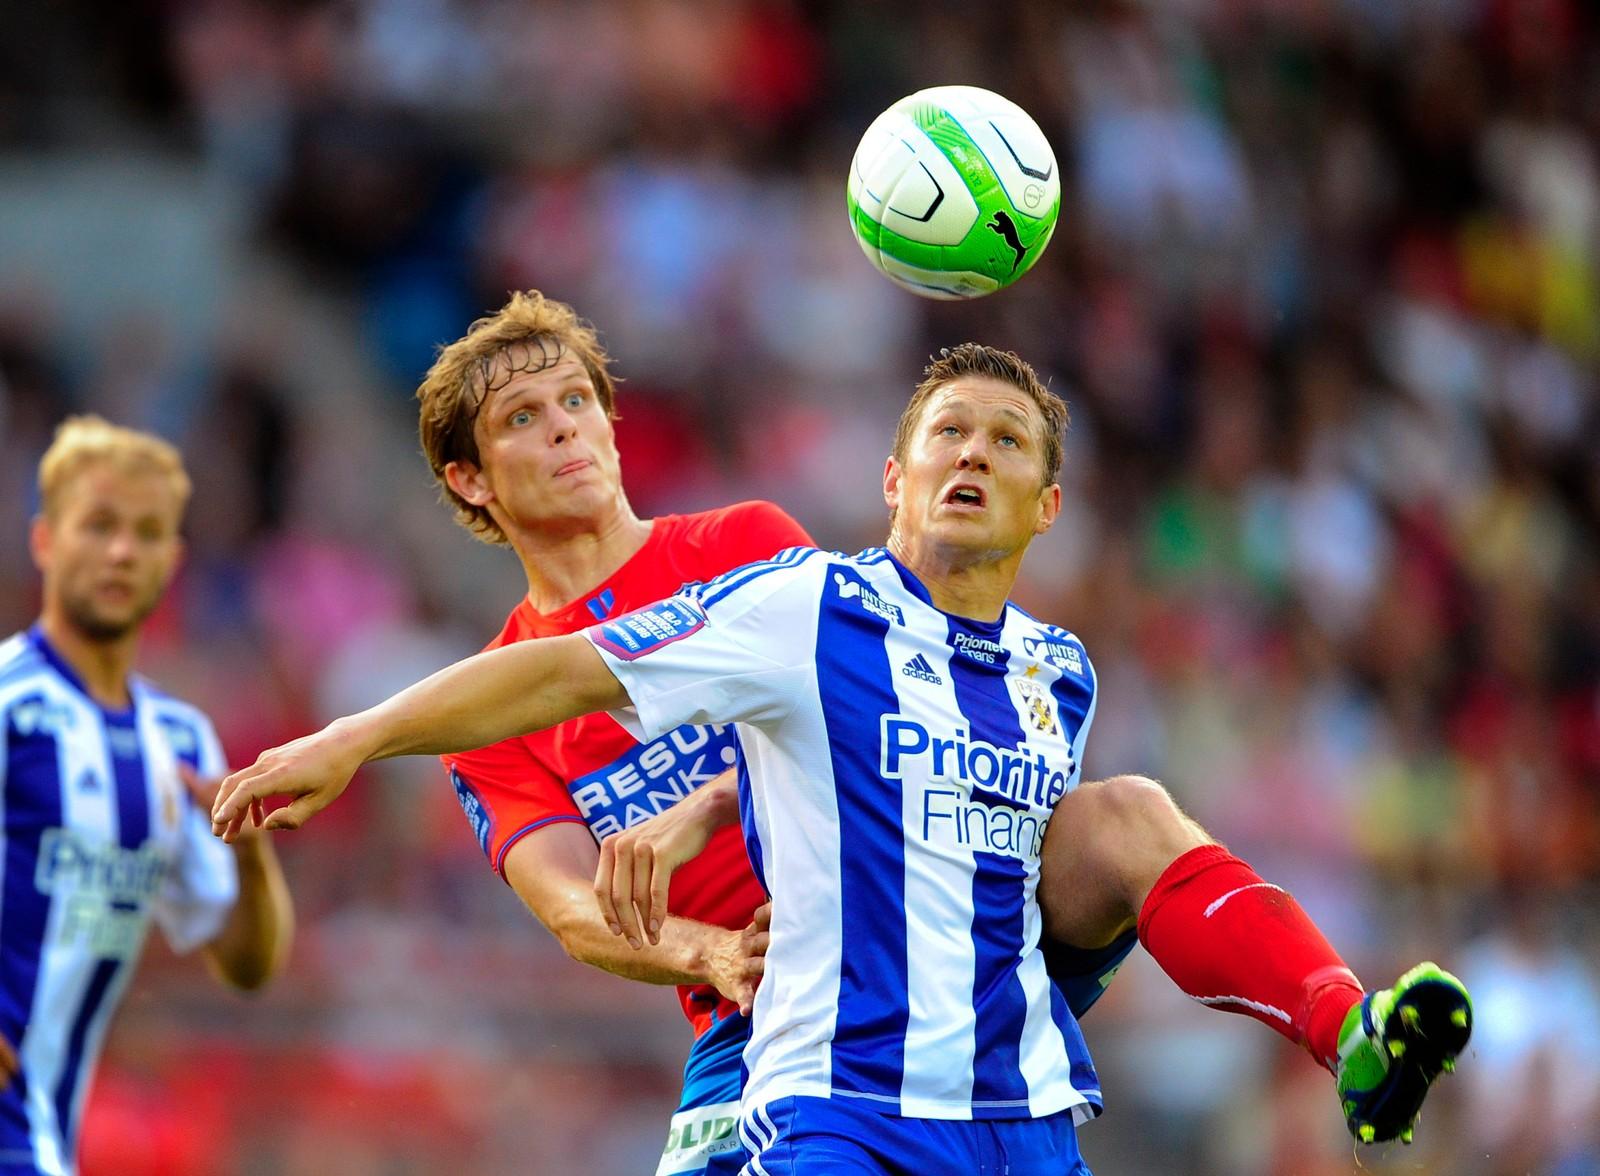 VANT THE DOUBLE: I Helsingborg ble det flere titler for ostringen. Her i kamp mot IFK Göteborg i 2013.